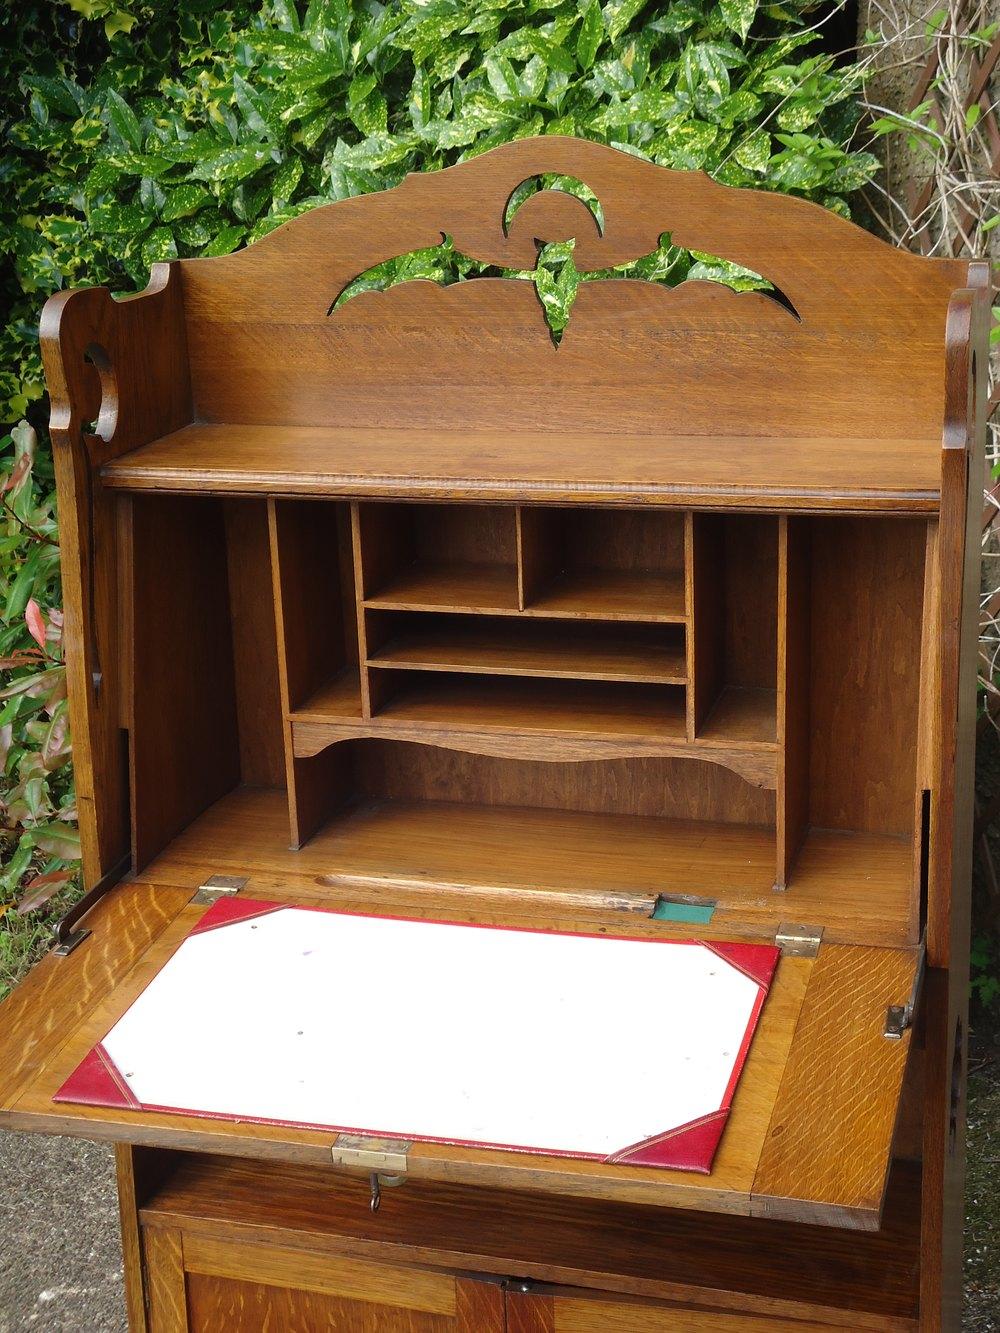 Arts and crafts bureau - Antique Bureaus Arts Crafts Bureau Bookcase Bureau